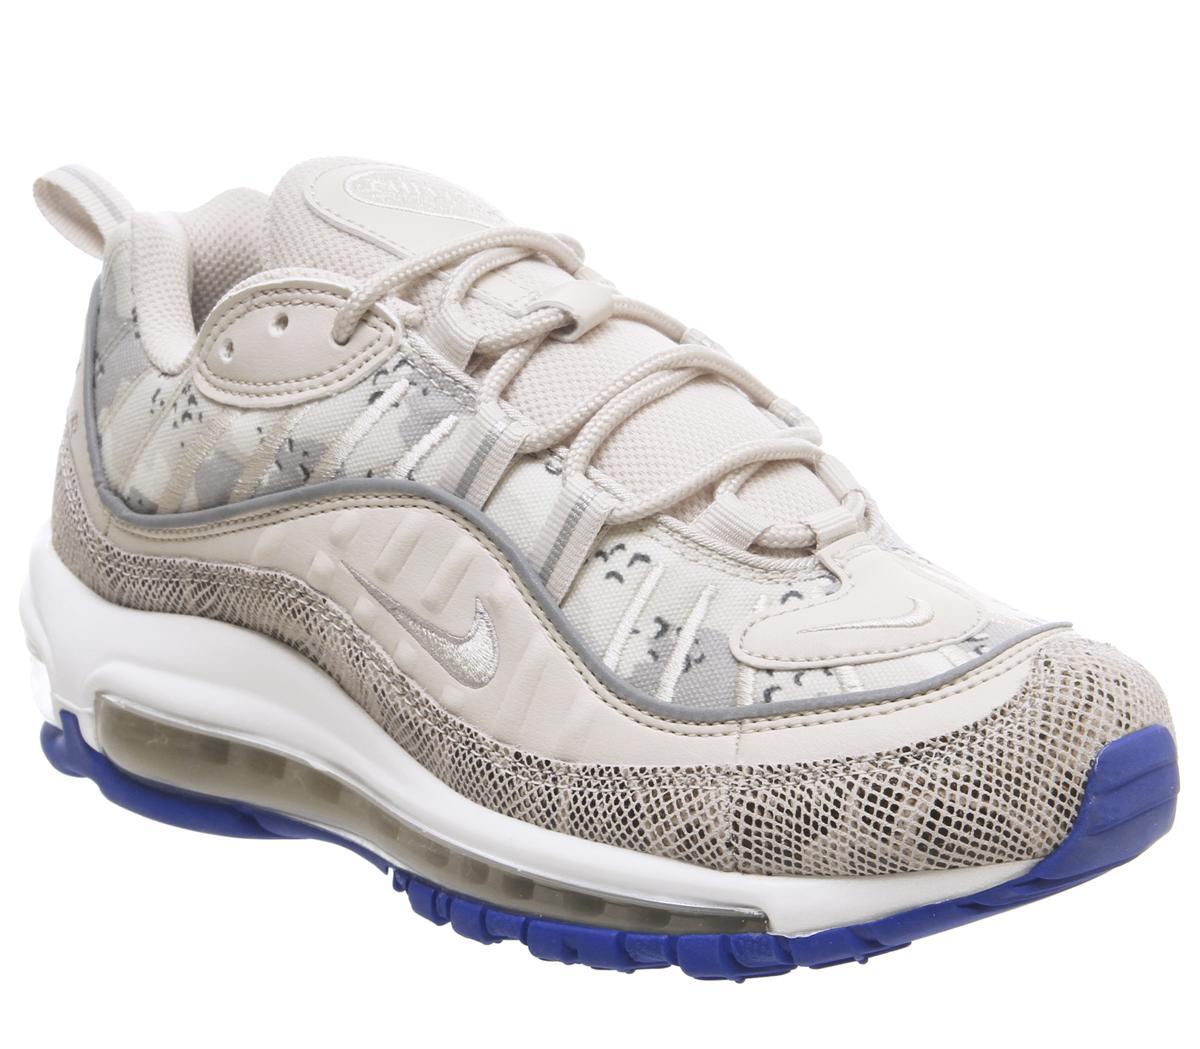 Practicar senderismo vino flotante  Nike Air Max 98 Trainers Orewood Brown Moon Particle Hyper Pink - Hers  trainers